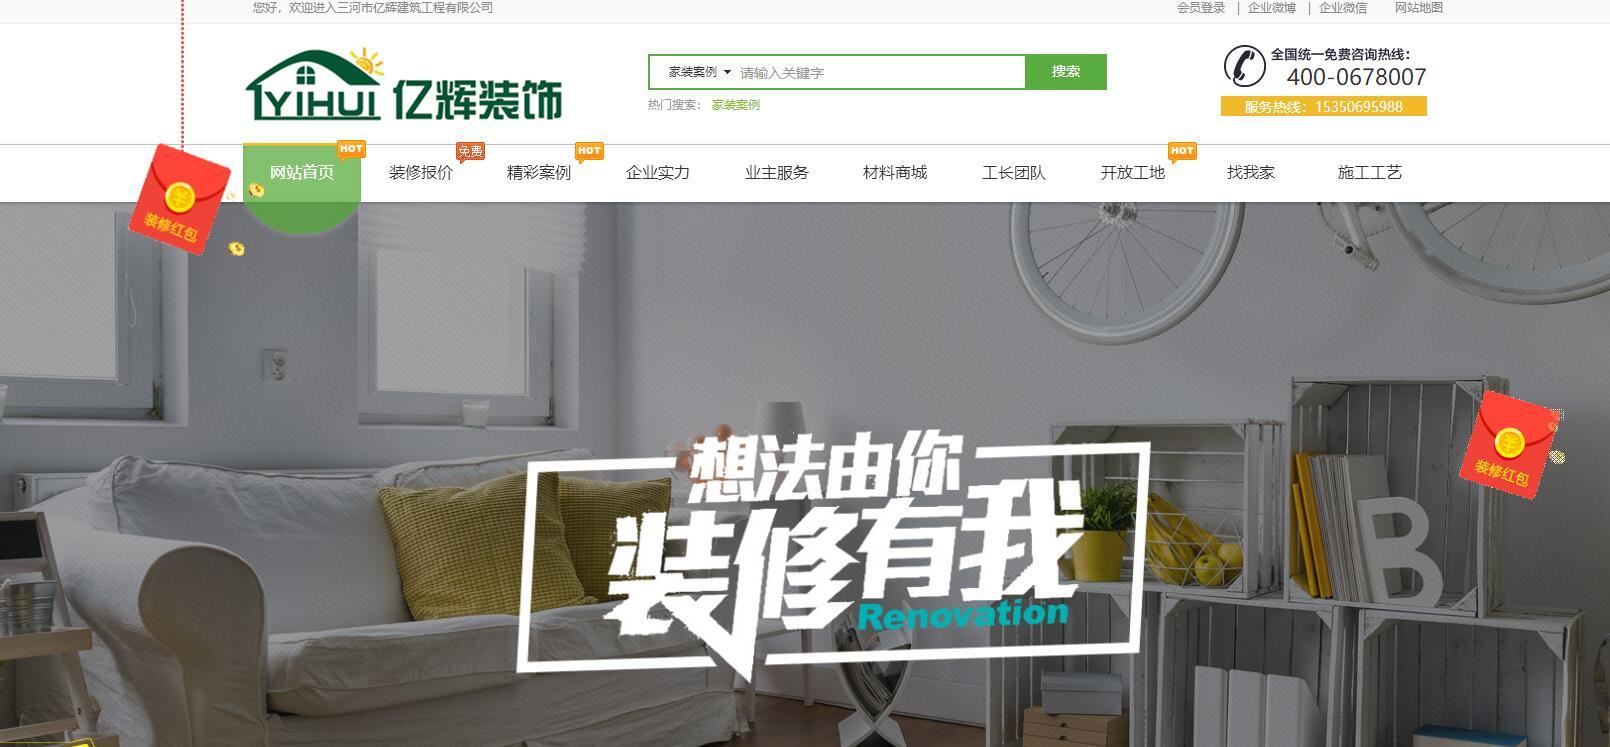 乐后屋装企营销平台恭祝三河市亿辉装饰2018版官方网站上线